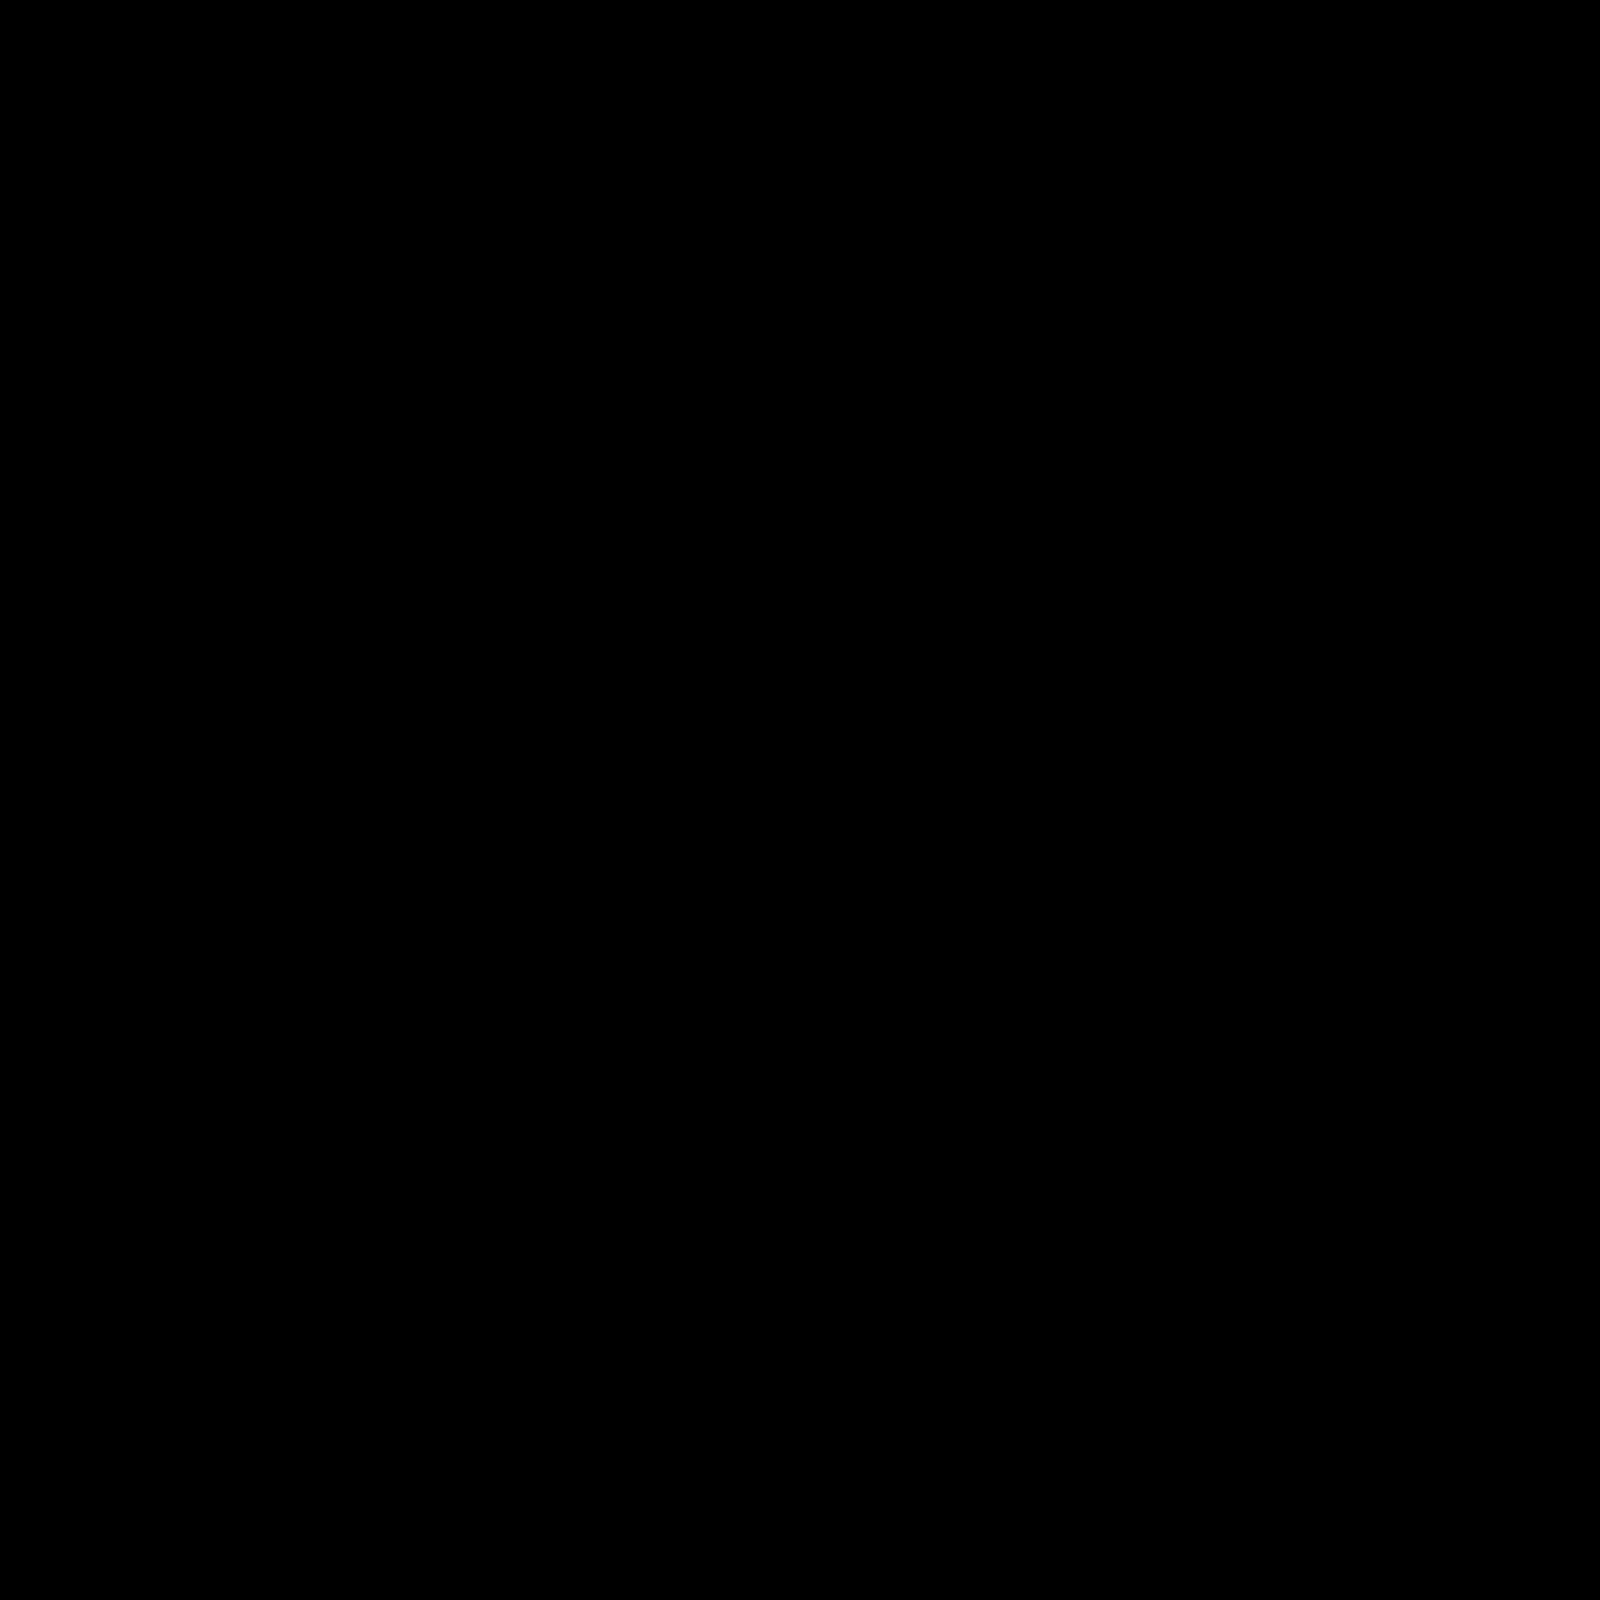 Кафе icon